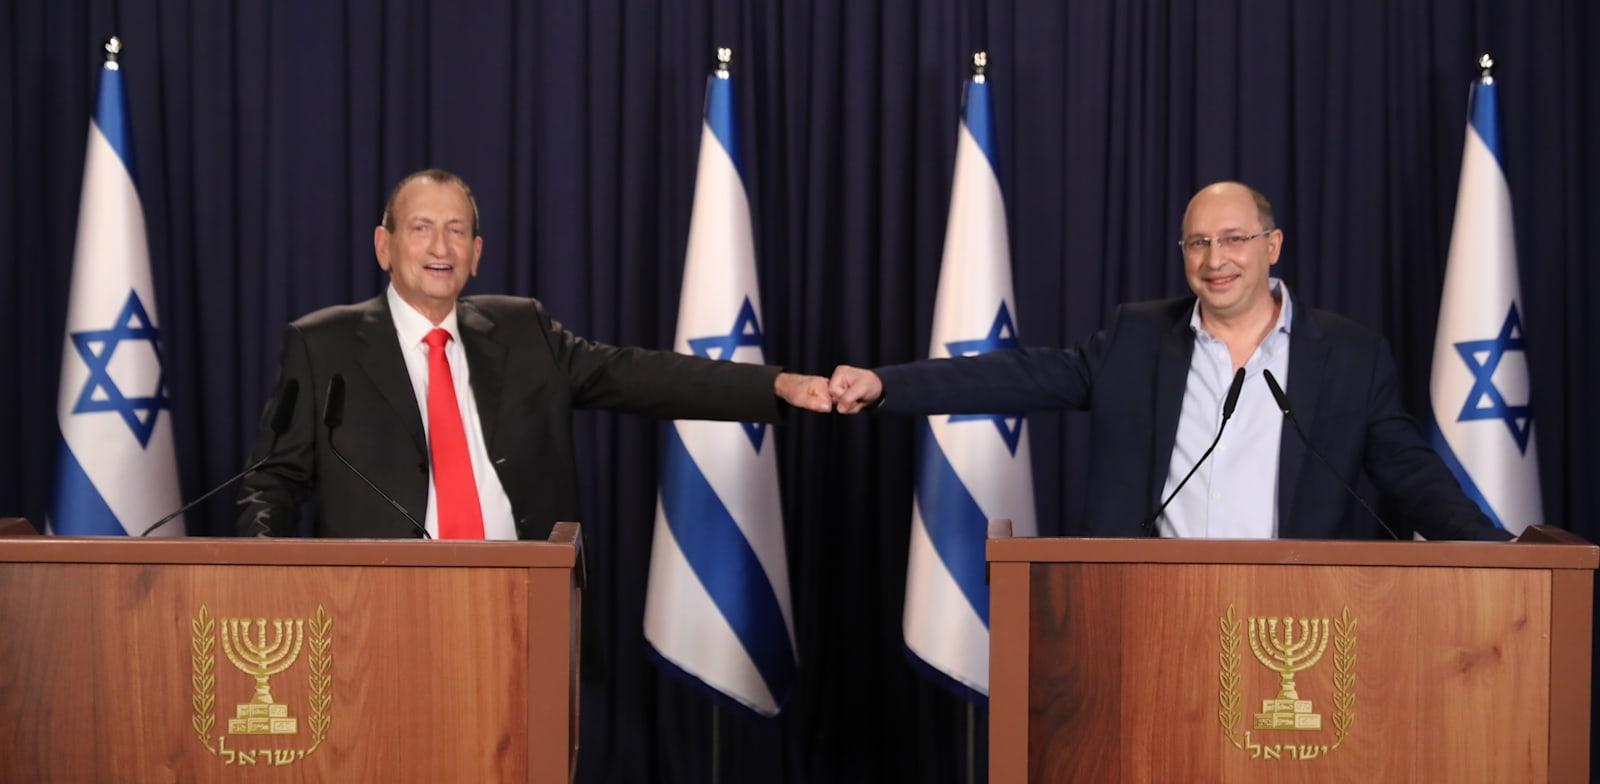 רון חולדאי ואבי ניסנקורן בהשקת מפלגת הישראלים / צילום: נס הפקות